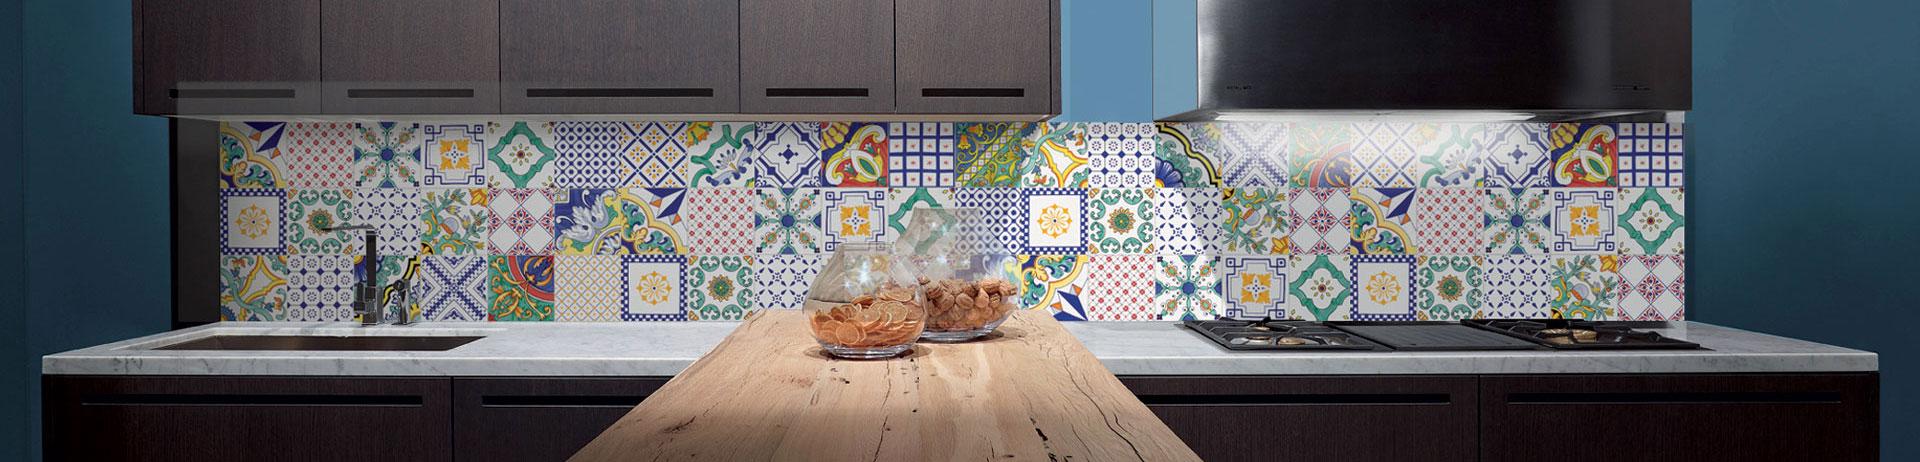 Mattonelle Vietresi - Ceramiche per pavimenti, rivestimenti, cucine ...